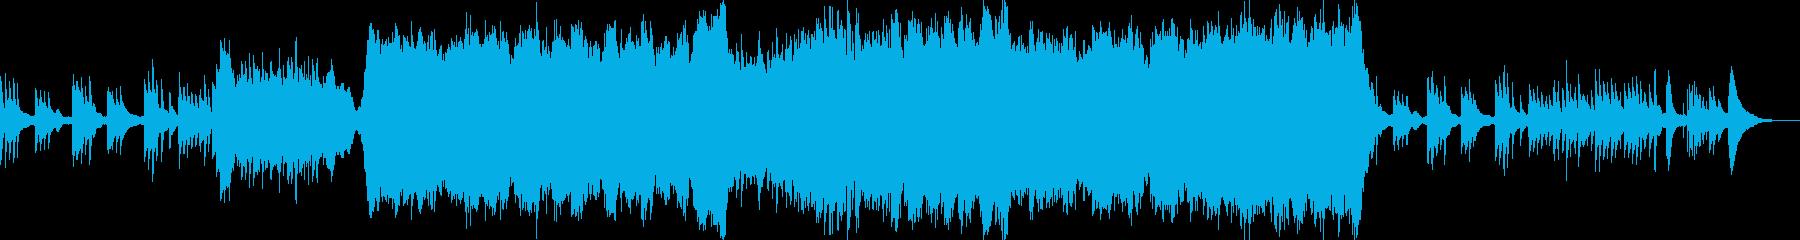 悲しいピアノとストリングスの再生済みの波形